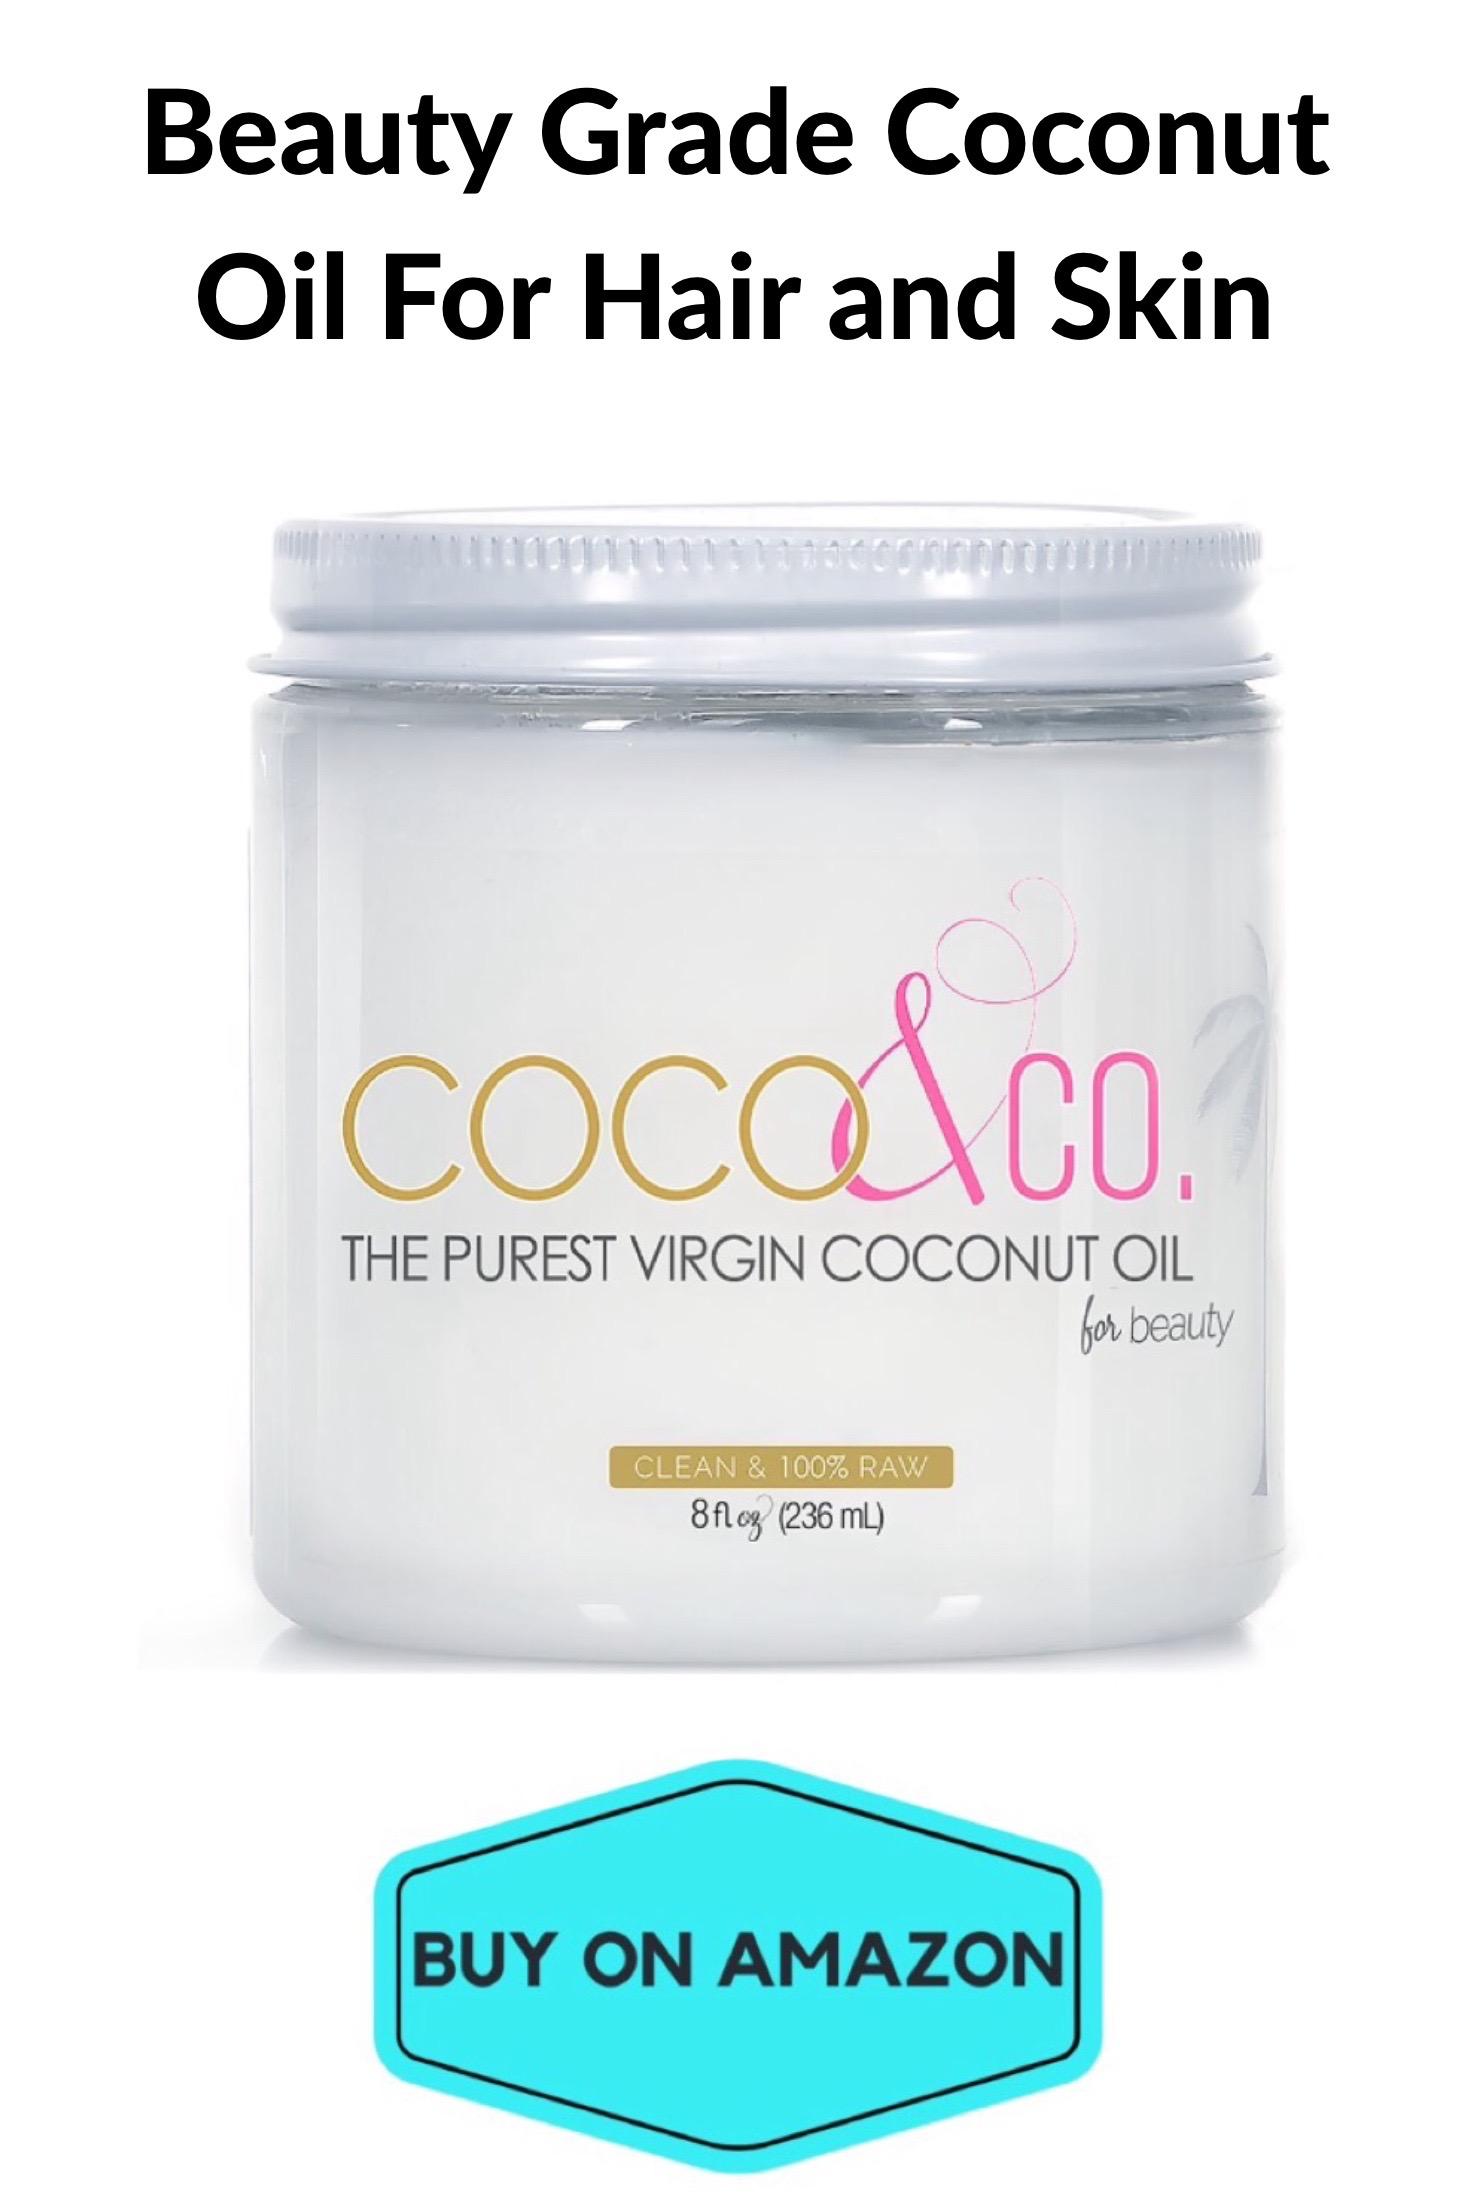 Beauty Grade Coconut Oil